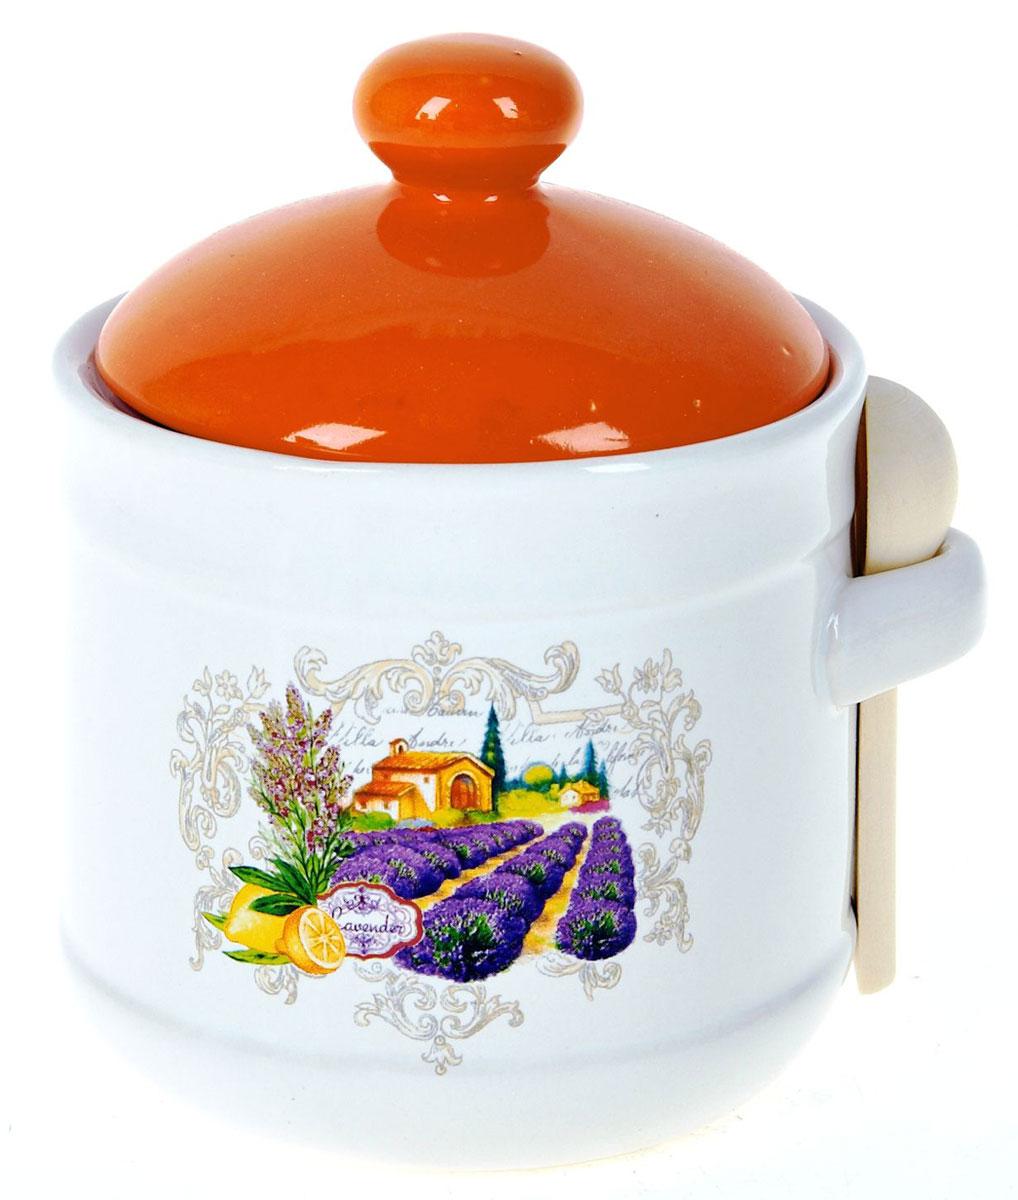 Банка для сыпучих продуктов Polystar Прованс, с ложкой, 750 млL2430733Банка для сыпучих продуктов изготовлена из прочной доломитовой керамики, покрытой слоем сверкающей гладкой глазури. Изделие оформлено красочным изображением. Банка прекрасно подойдет для хранения различных сыпучих продуктов: чая, кофе, сахара, круп и многого другого. Изящная емкость не только поможет хранить разнообразные сыпучие продукты, но и стильно дополнит интерьер кухни.